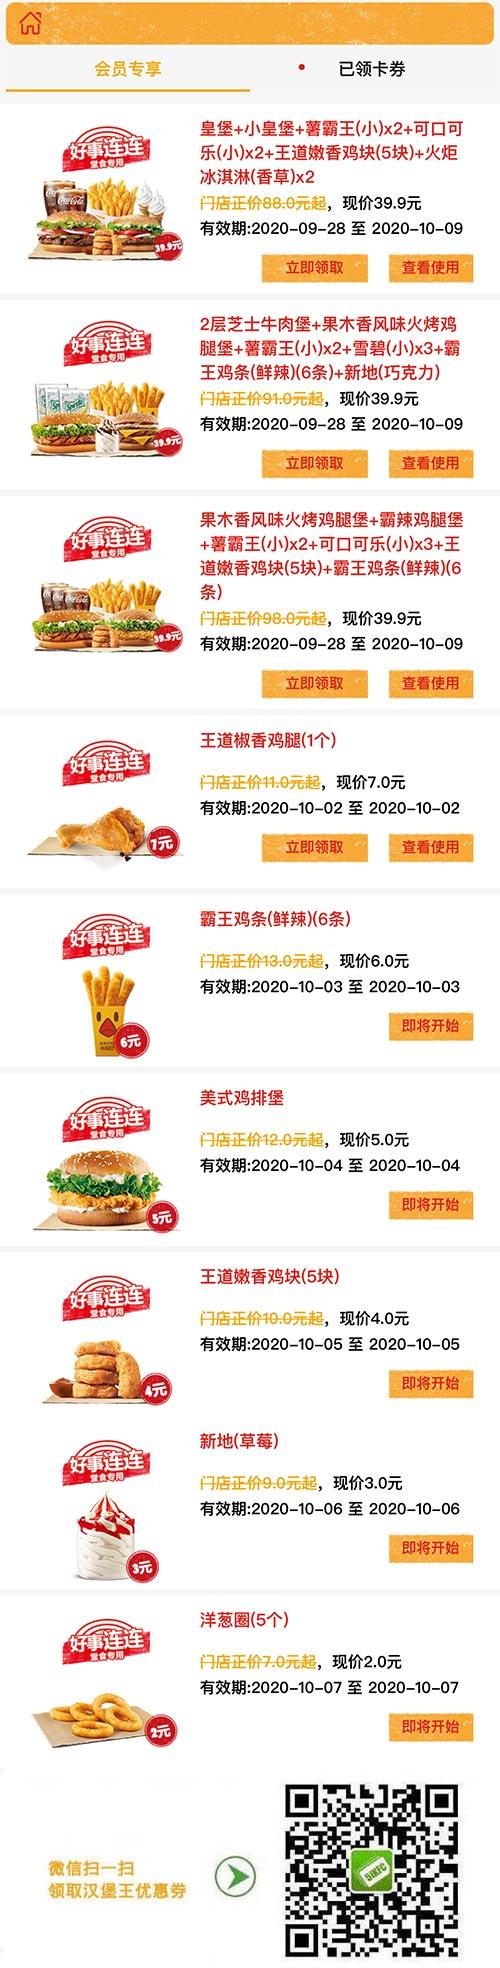 汉堡王电子优惠券2020年10月领取,好事连连套餐优惠价39.9元